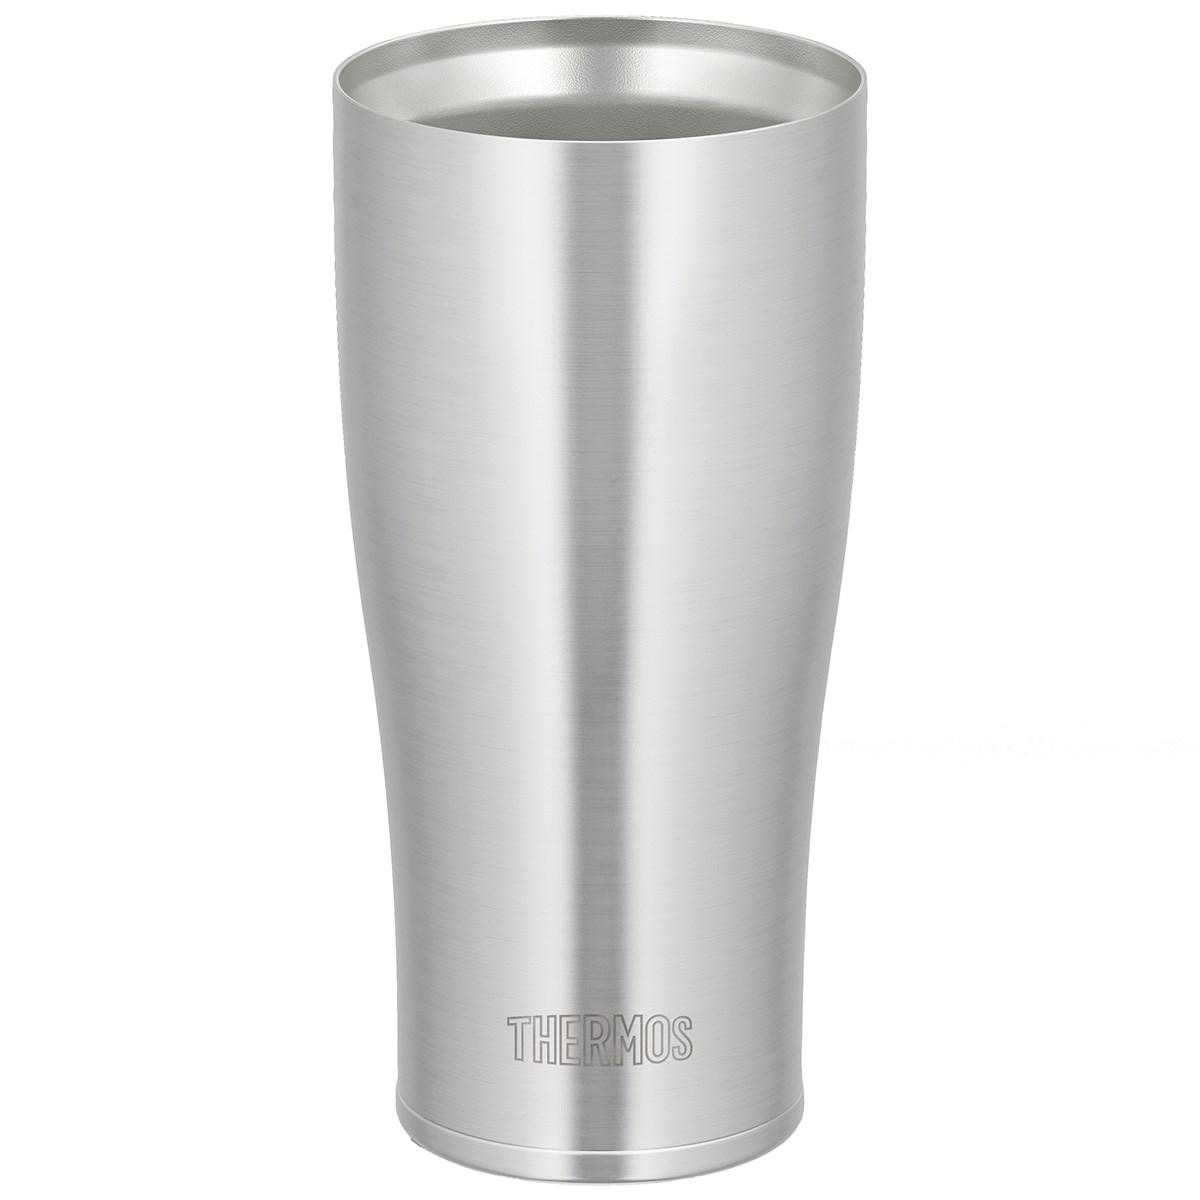 サーモス 真空断熱タンブラー 0.42L